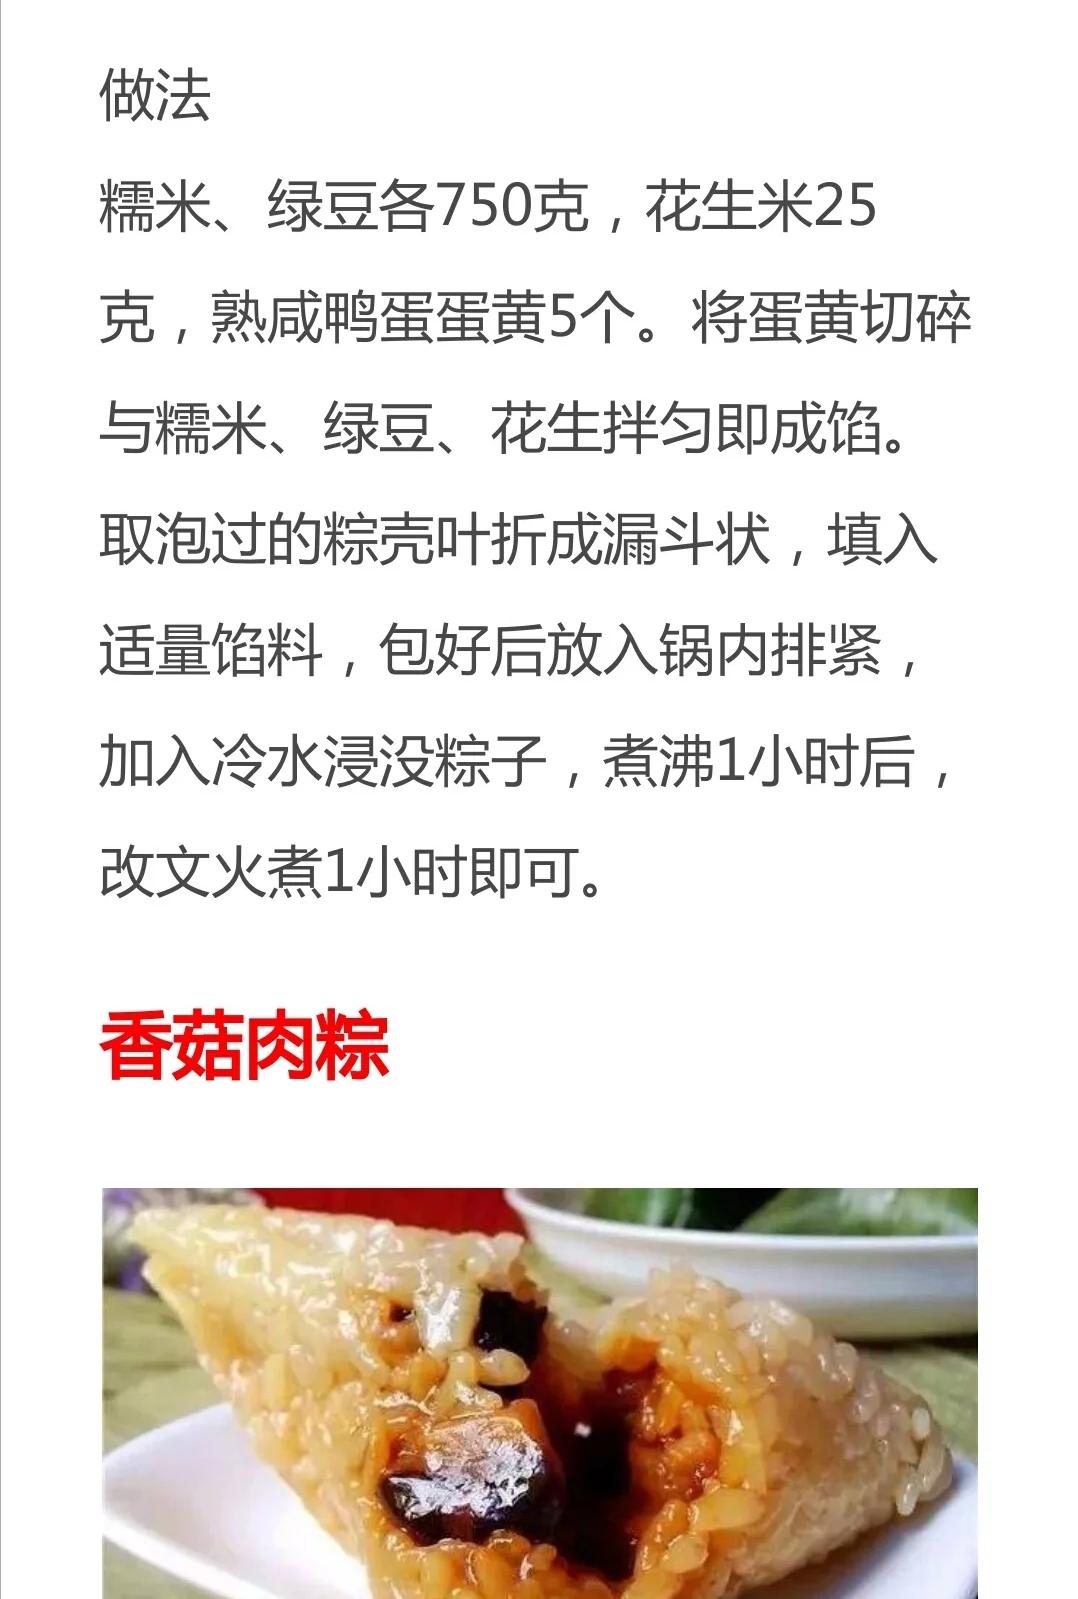 16种粽子的做法及配料!粽子馅配方种类大全,粽子制作方法教程 美食做法 第19张